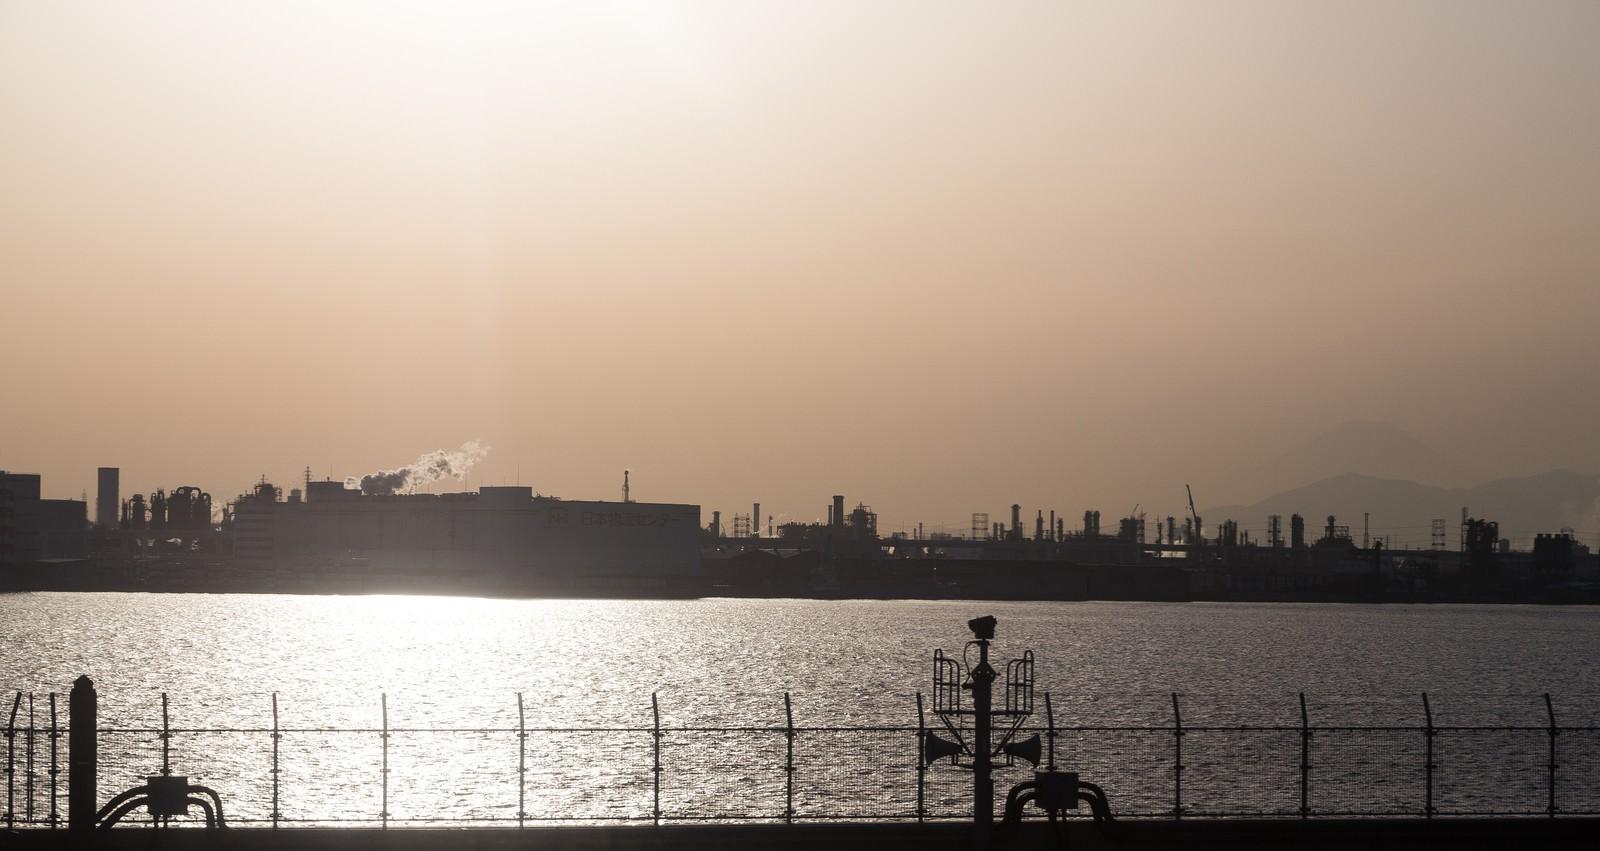 「羽田空港から見える工場地帯羽田空港から見える工場地帯」のフリー写真素材を拡大